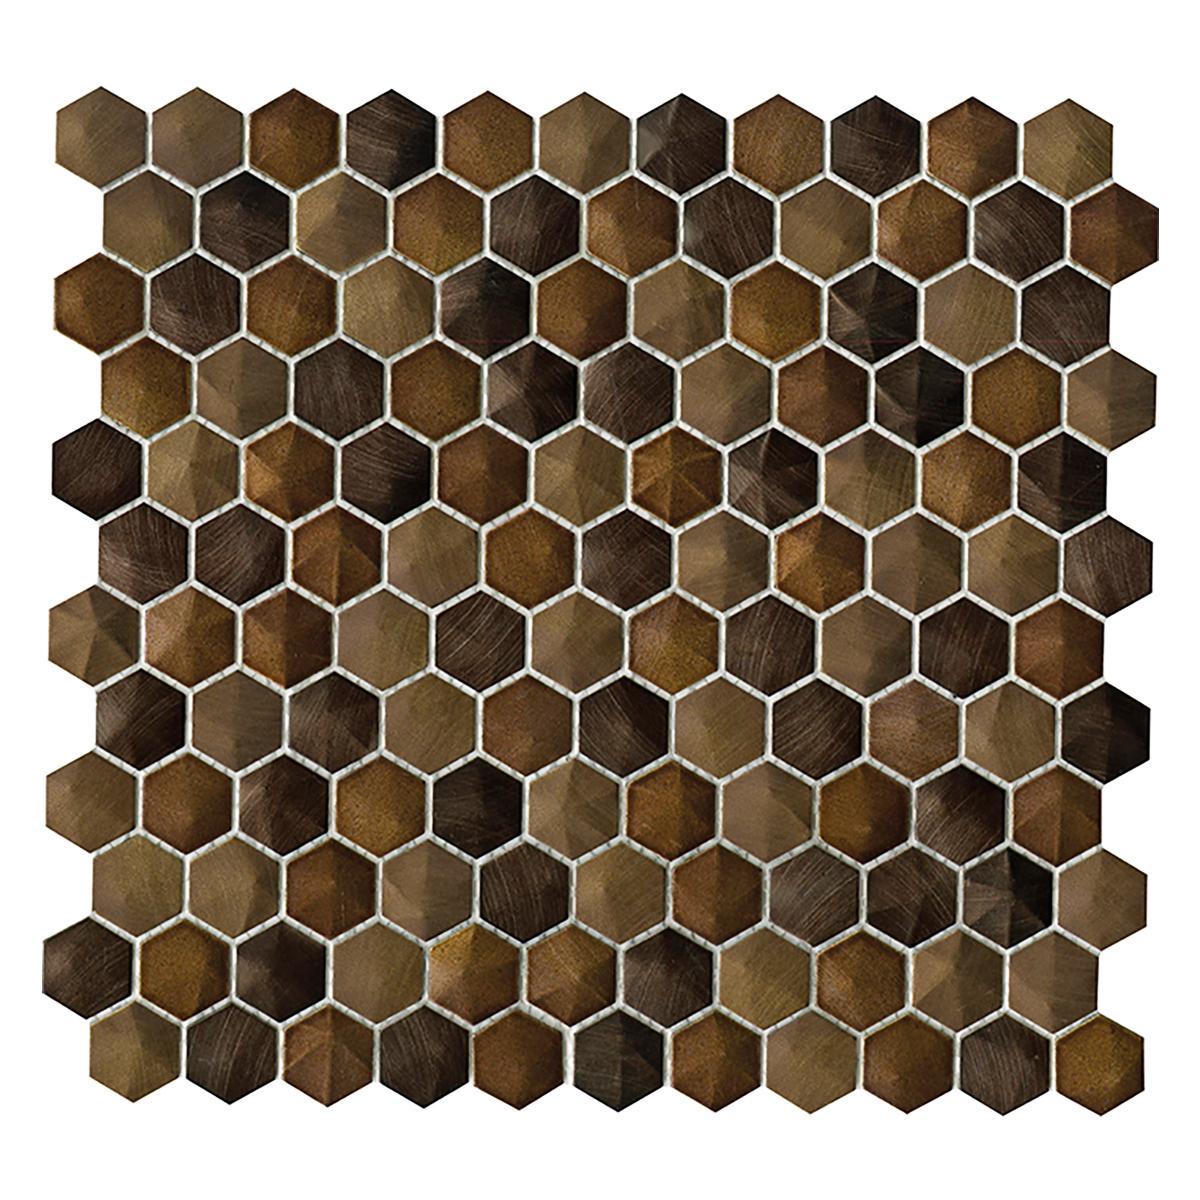 Mosaico Colors Marrón Mate - 28.5X30.5 cm - 1 pza